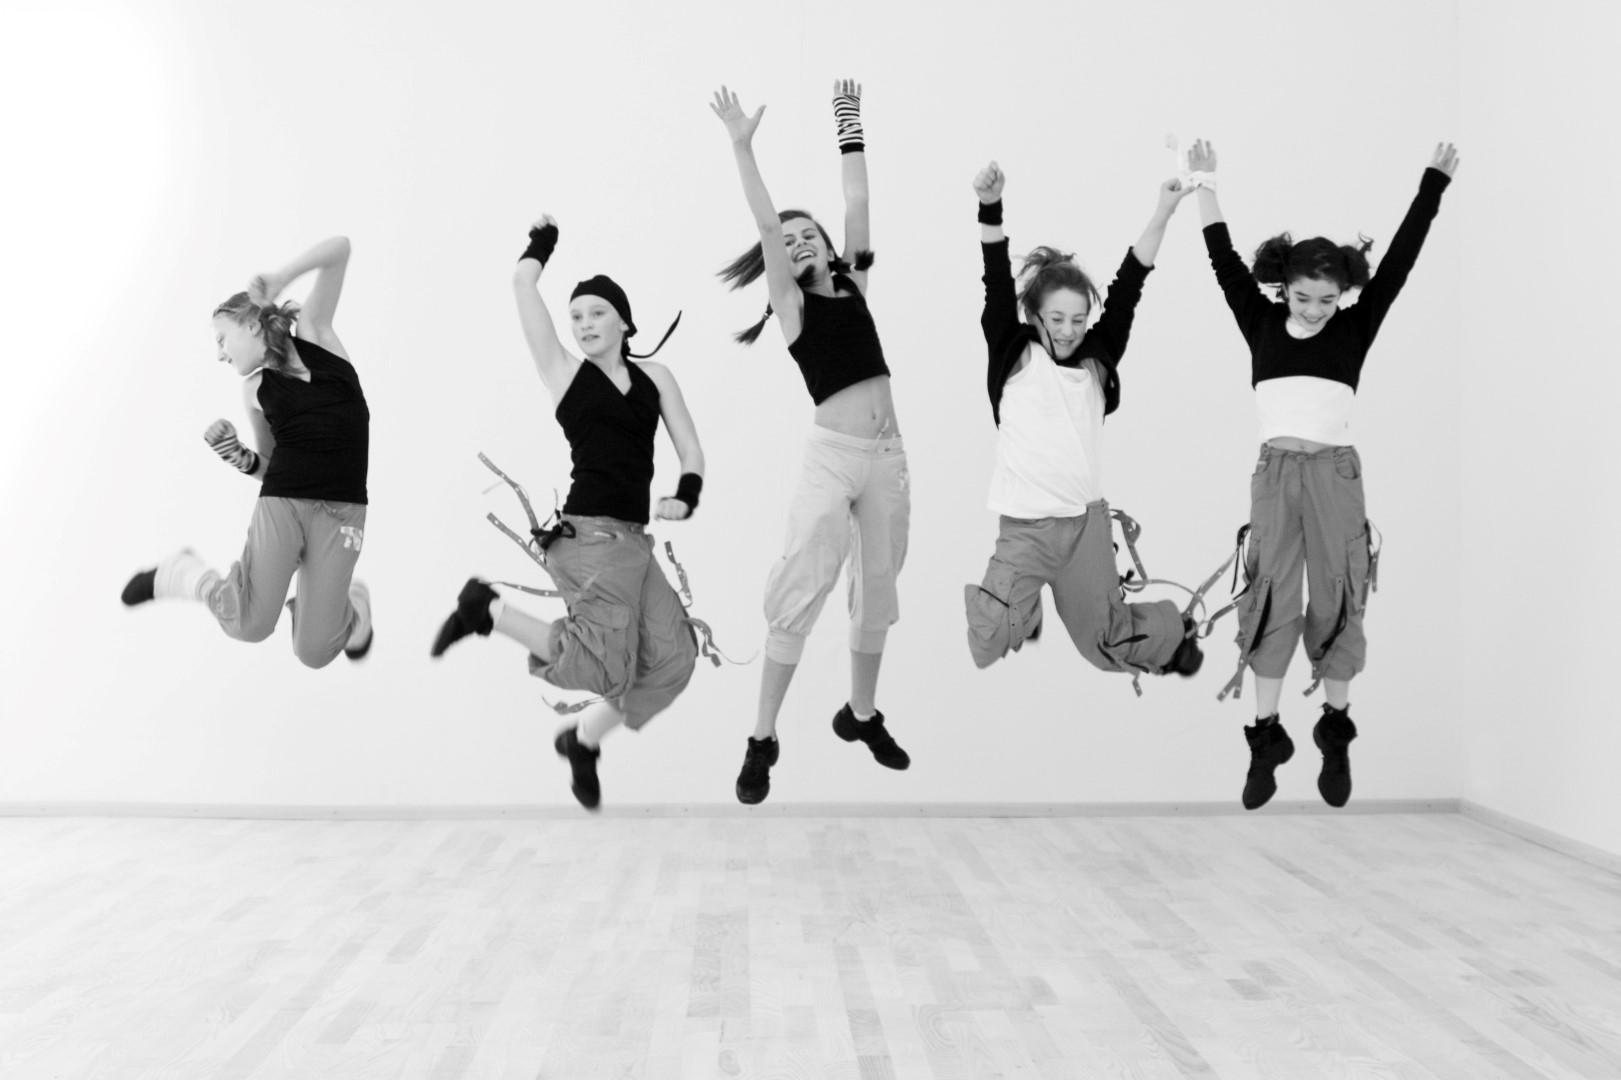 Das Bild zeigt eine Gruppe von Tänzerinnen